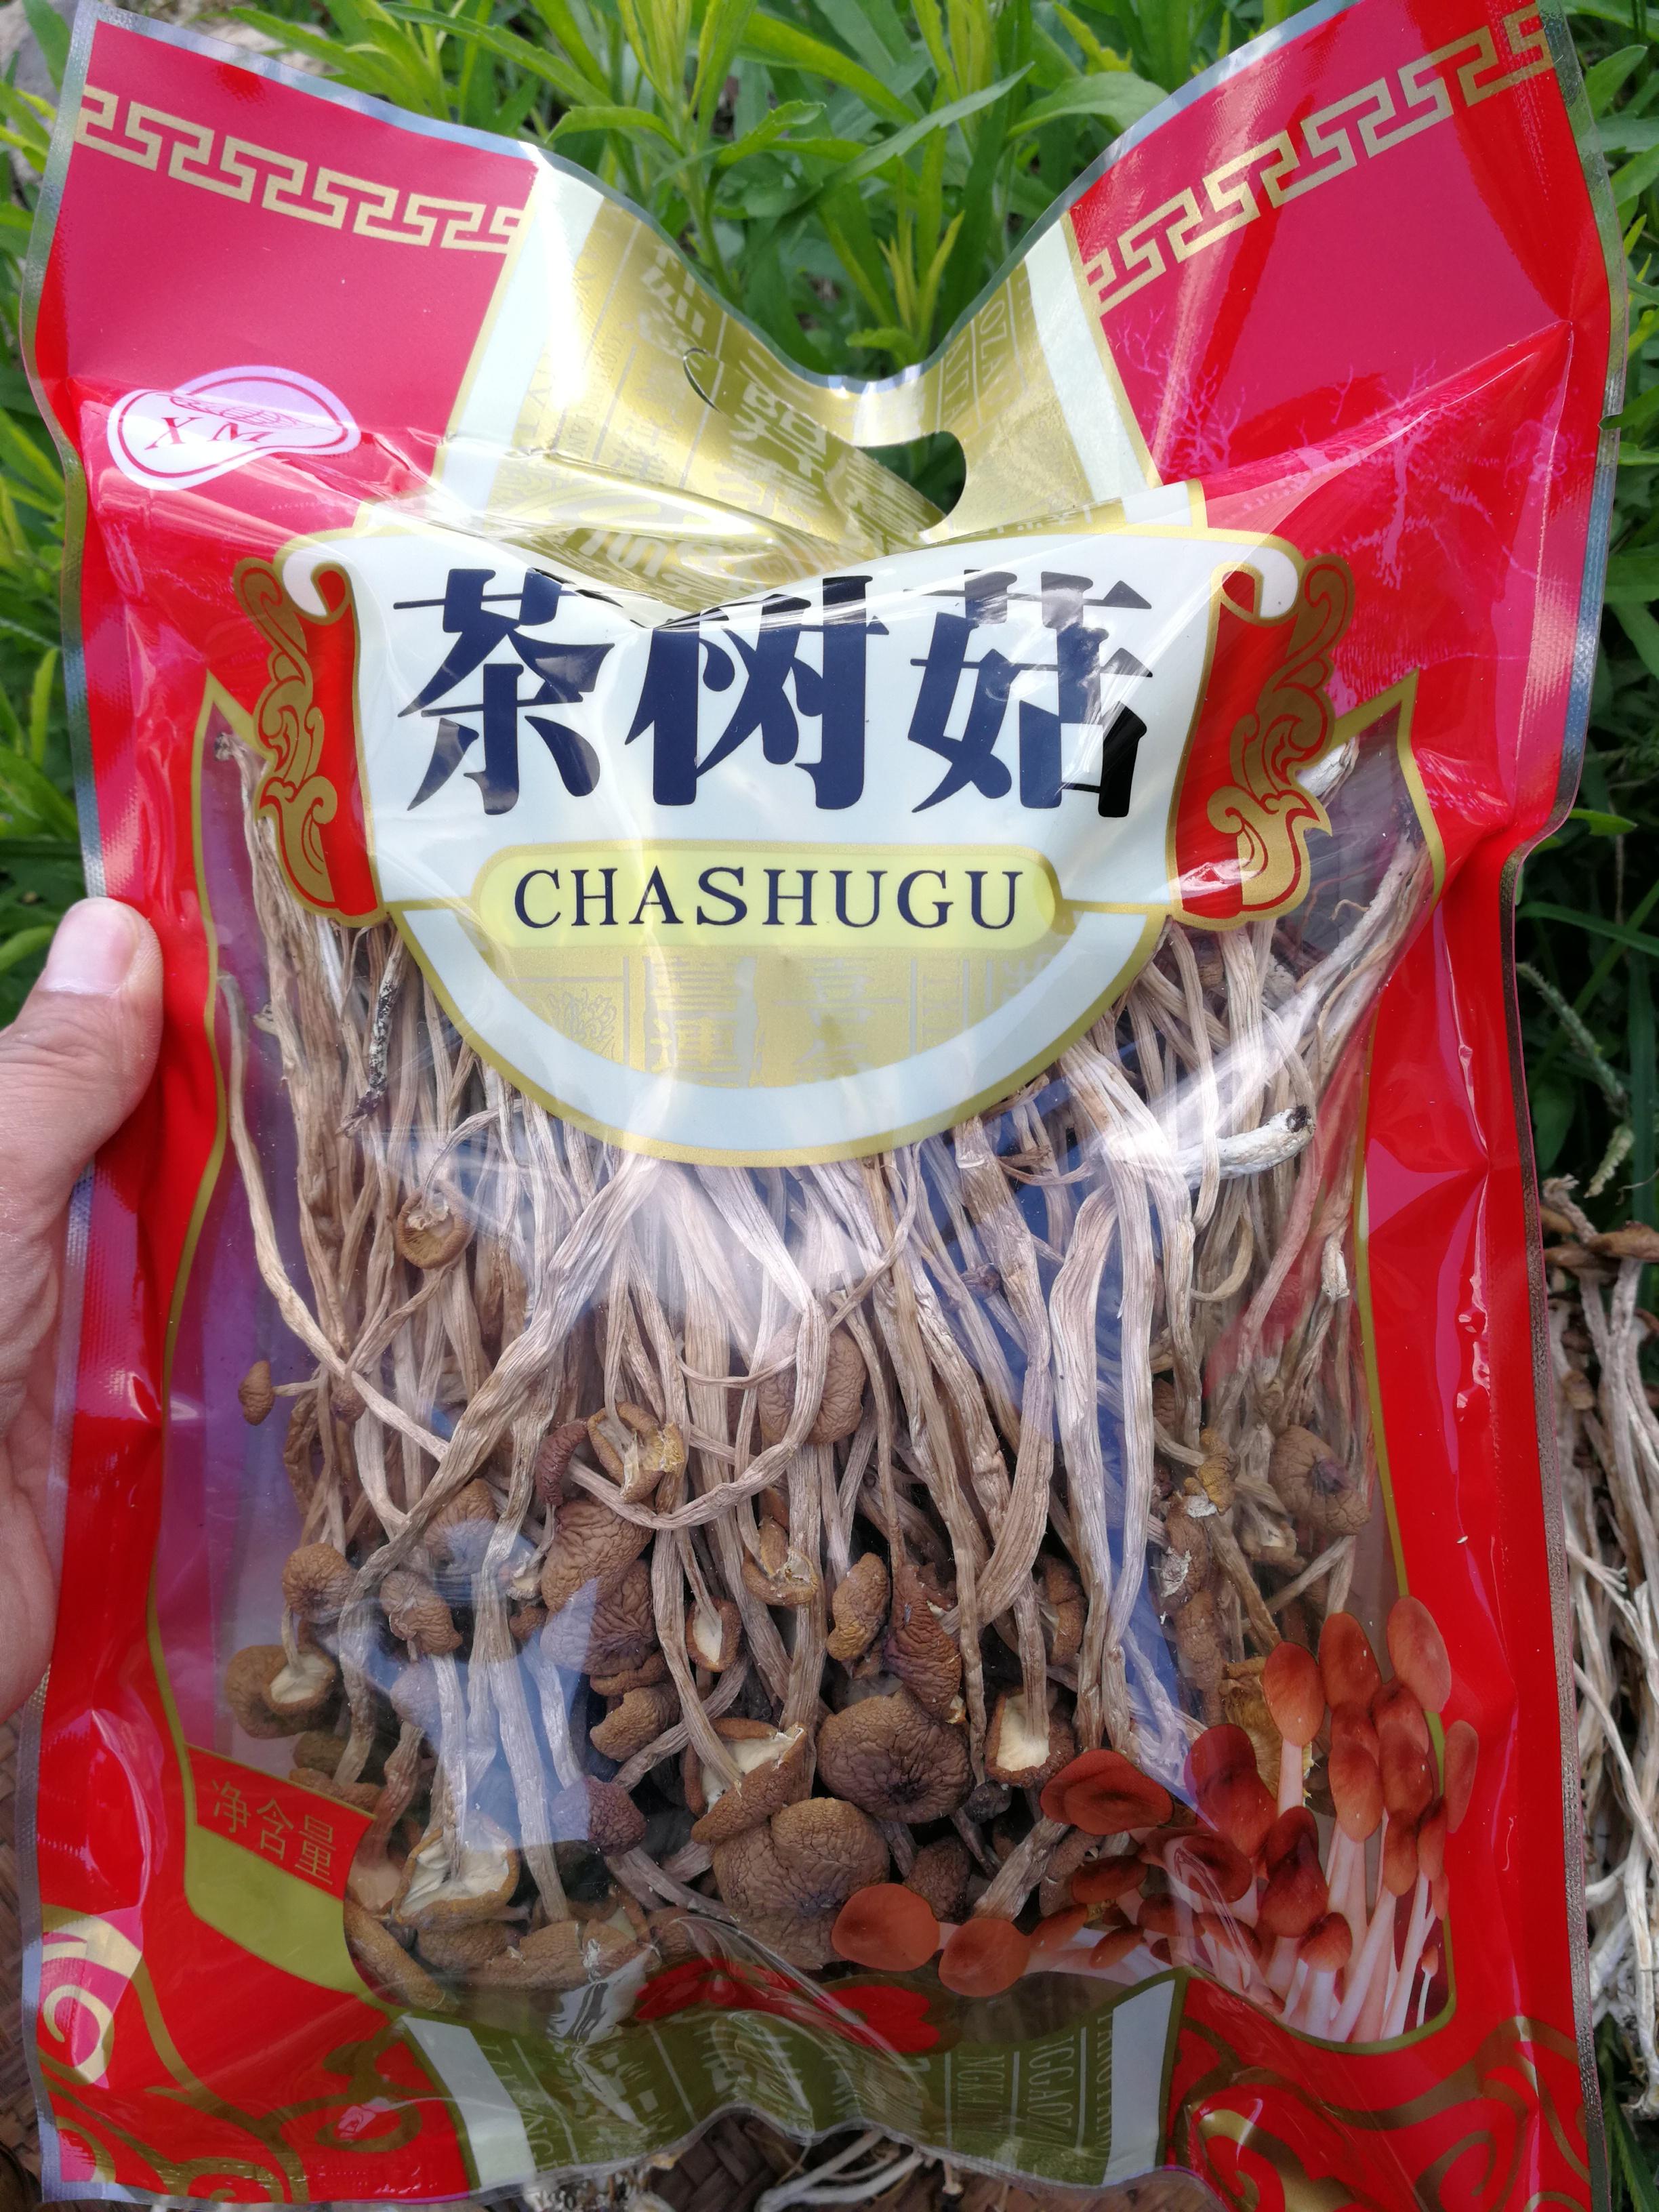 茶树菇 茶薪菇 真正冰菇苞不开伞 粮油特产干货 250g 包邮